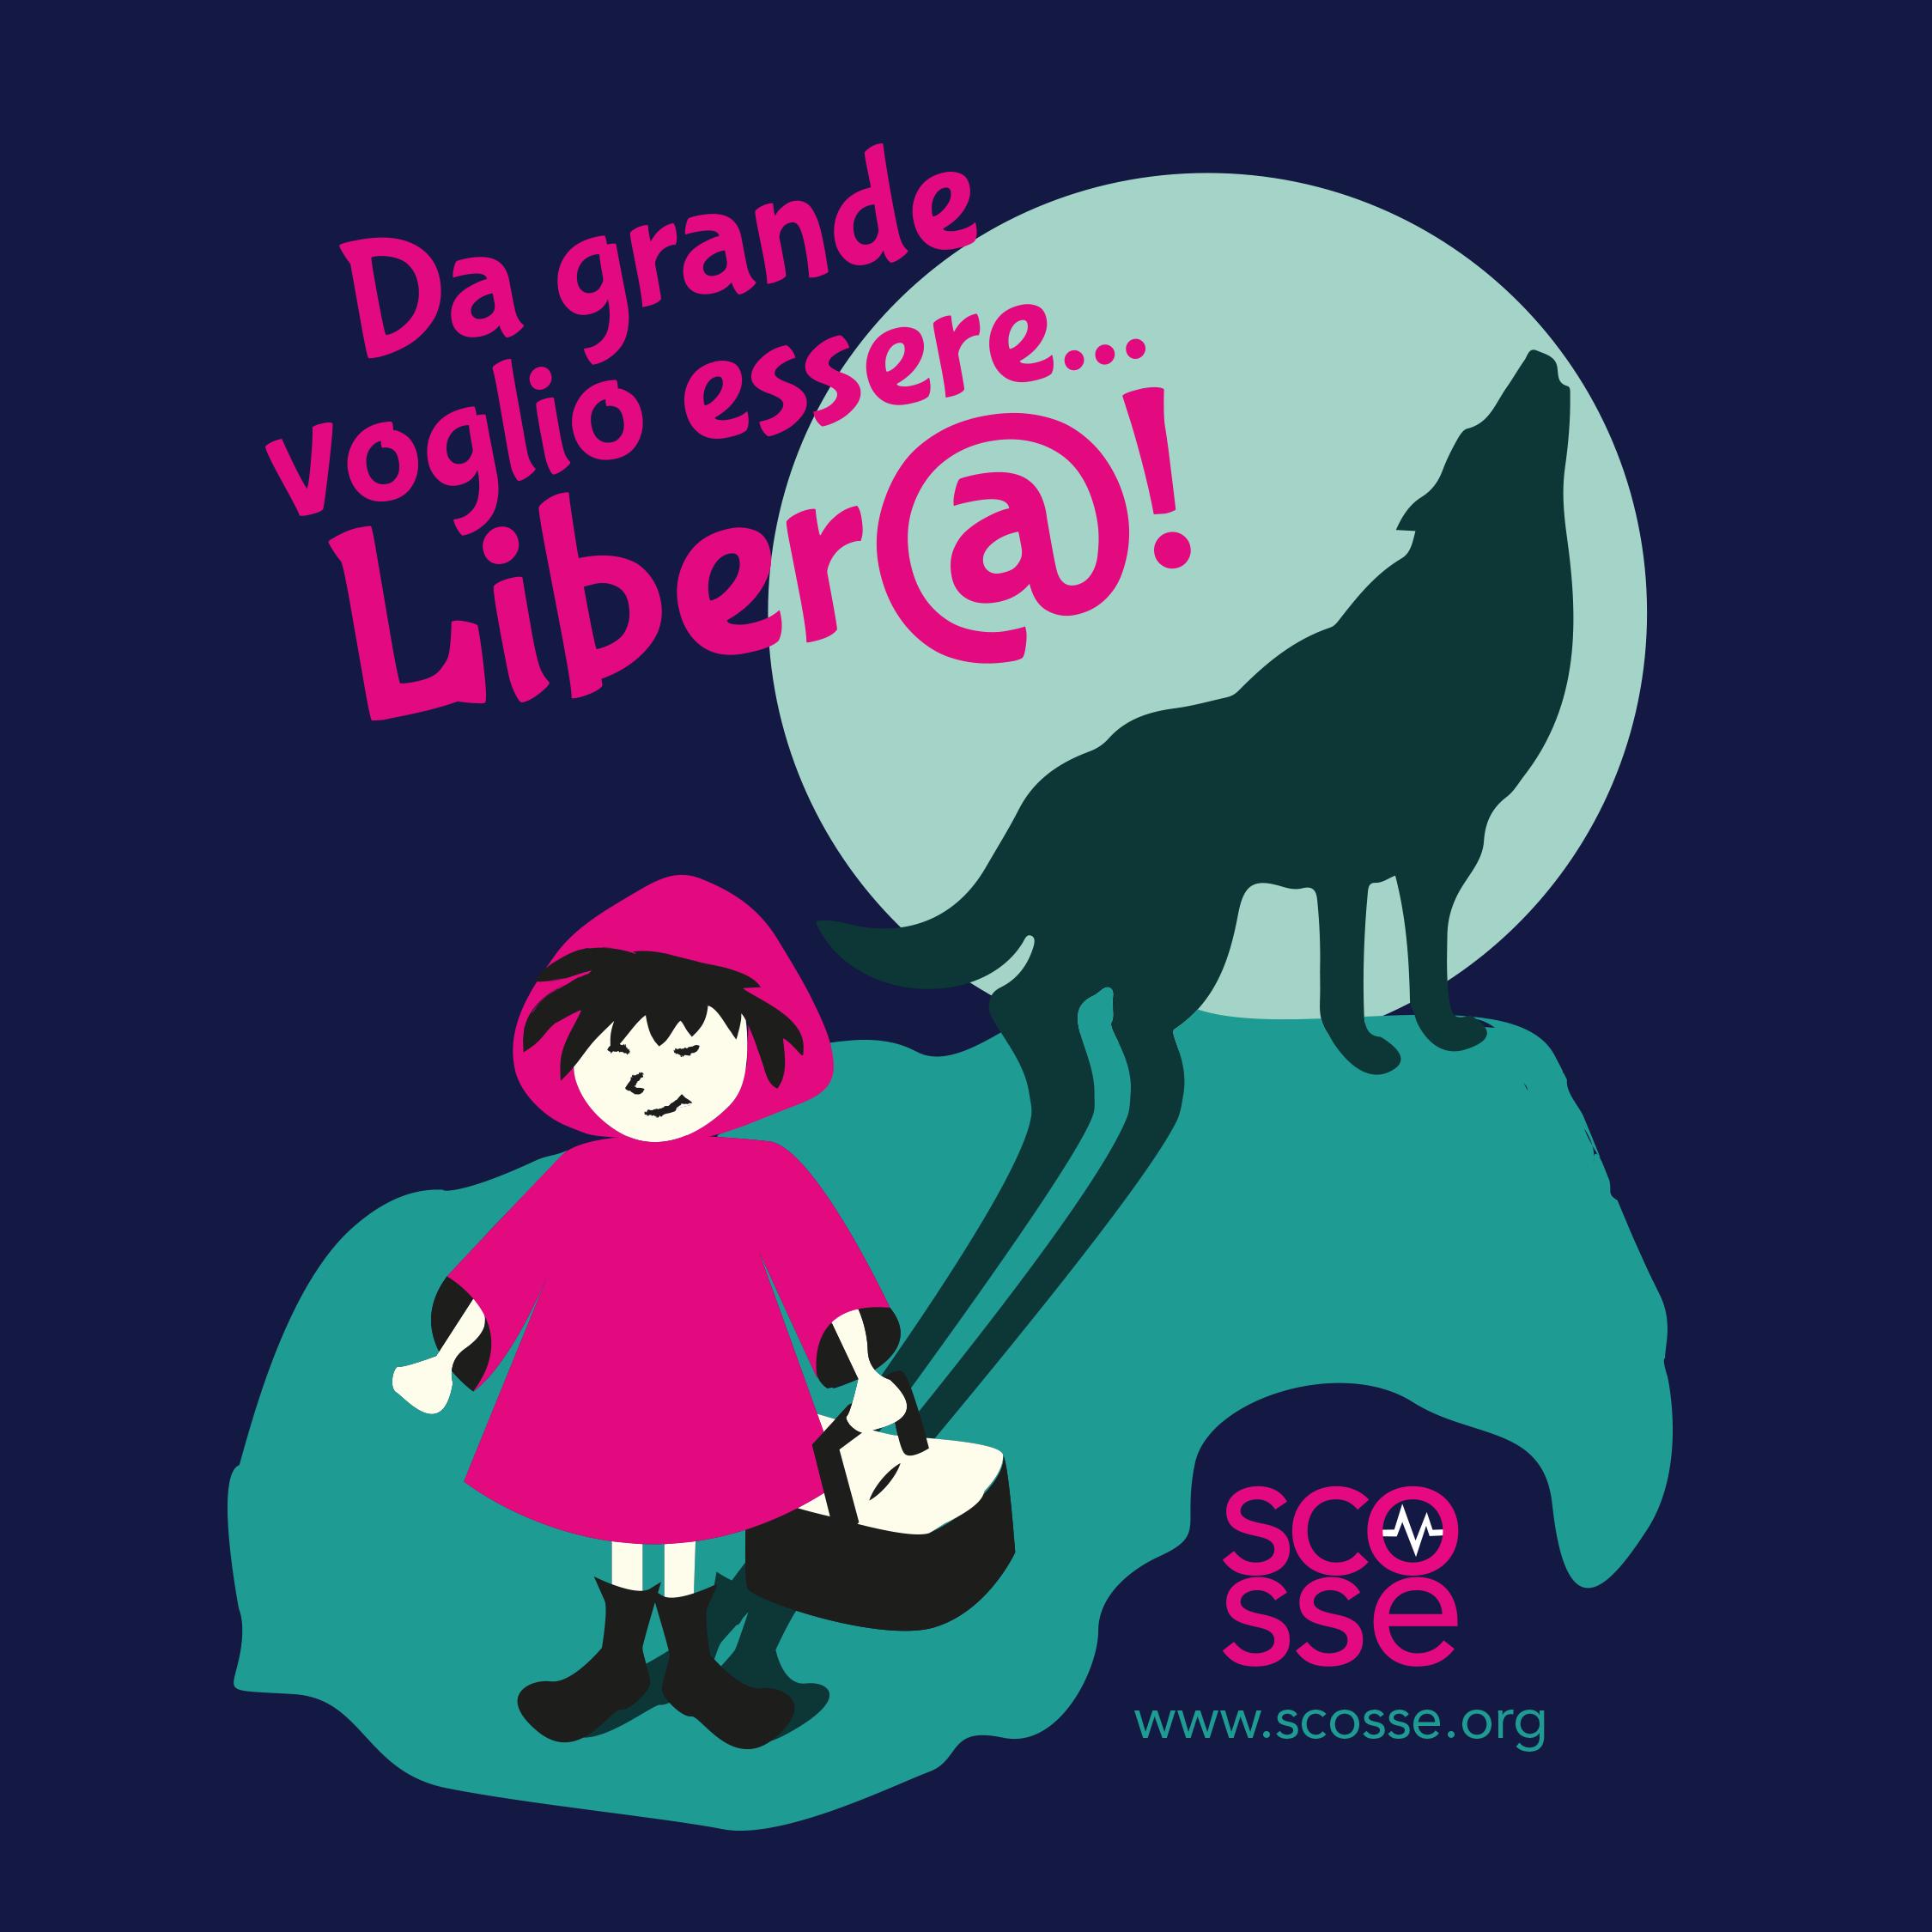 T-shirt  Da grande voglio essere Liber@!